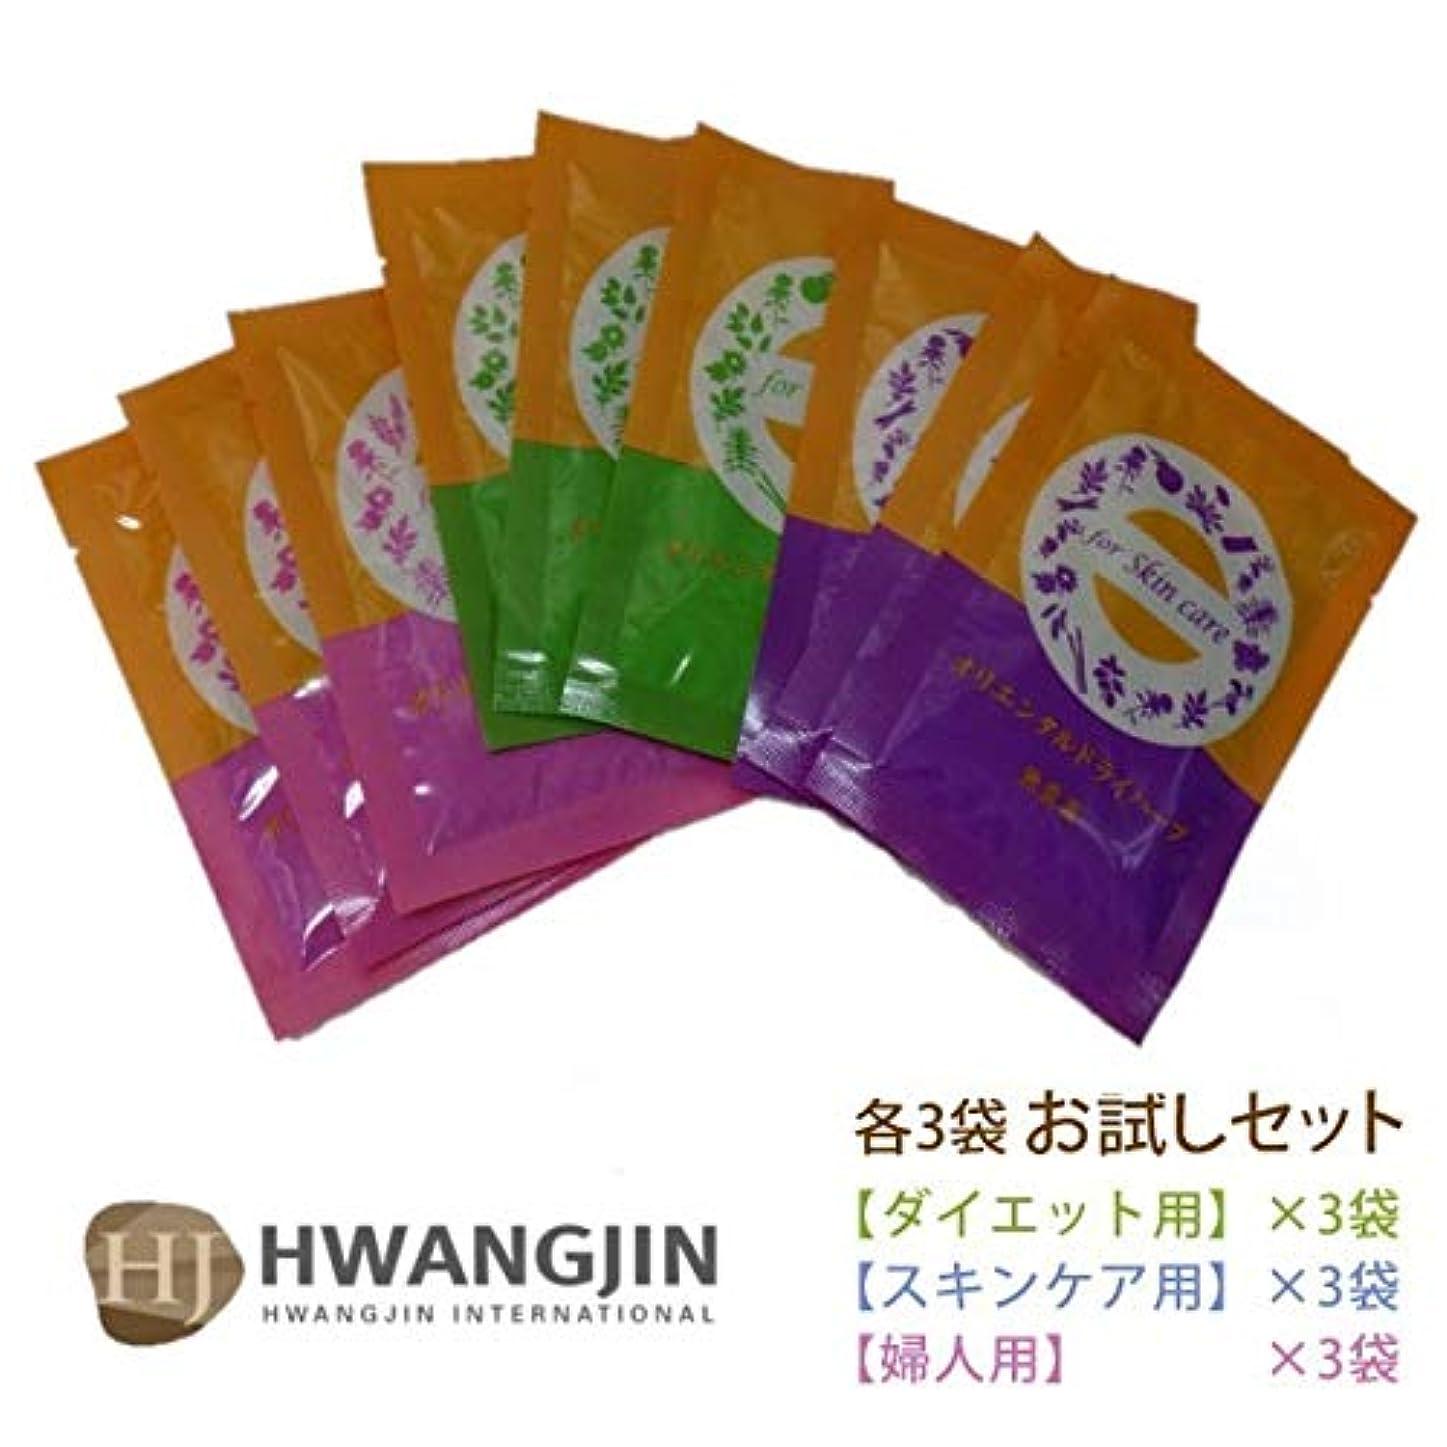 蛾クローゼットリングレットファンジン黄土 座浴剤 9袋 正規品 (3種(ダイエット、女性、皮膚美容)各3 計9袋)